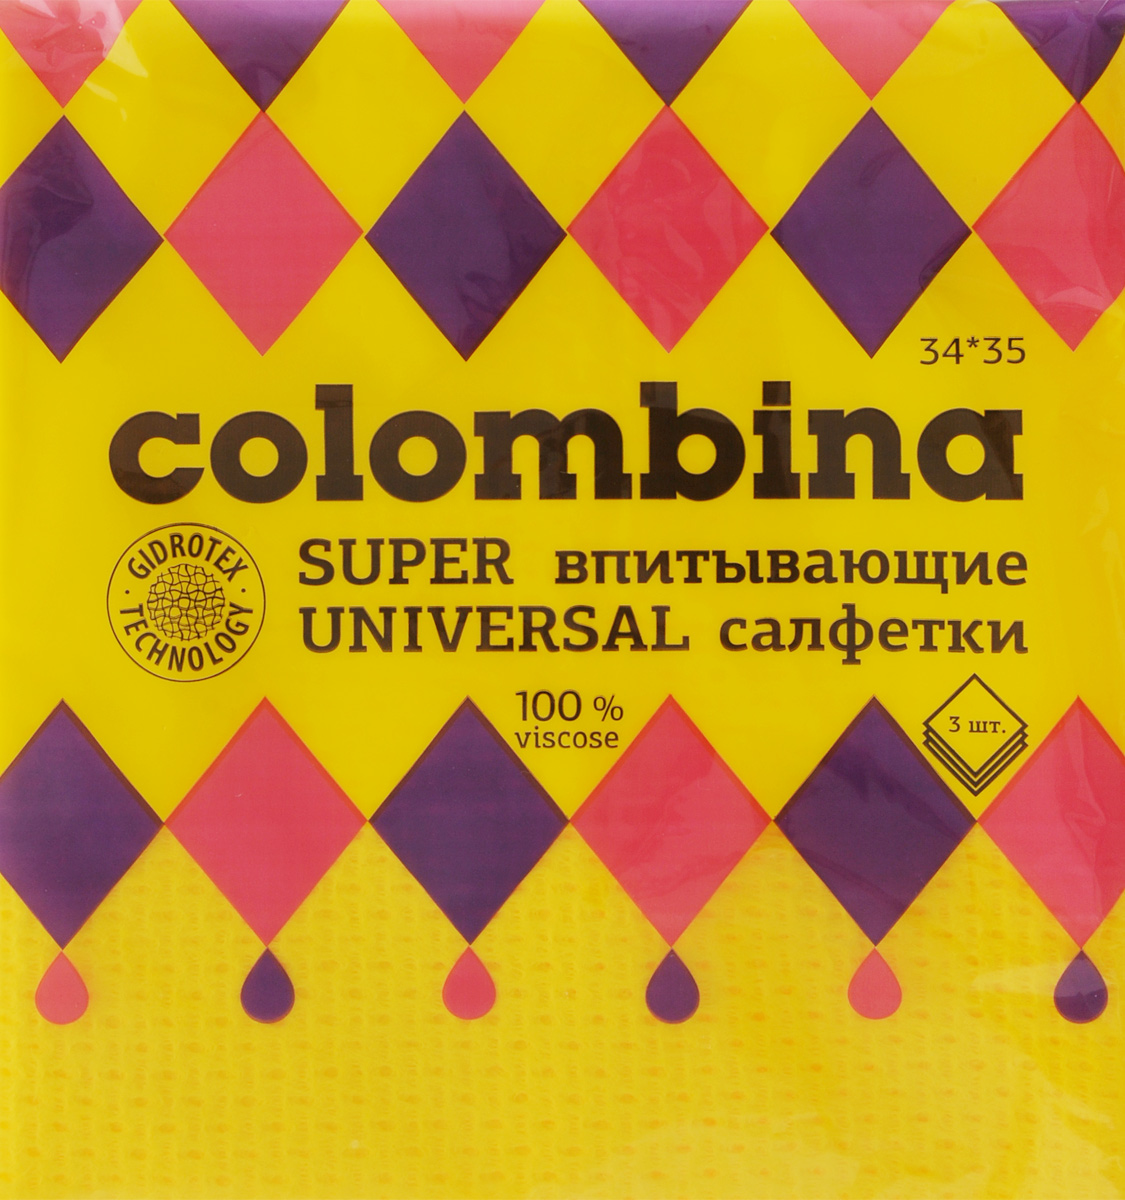 Набор салфеток Colombina Universal, супервпитывающие, цвет: желтый, 34 х 35 см, 3 штК2.1Салфетки Colombina Universal состоят из 100 % вискозы без добавления синтетики. Изделия предназначены для сухой и влажной уборки. Отлично впитывают жидкости, жиры, масла. Пригодны для многоразового использования, долговечны, не оставляют следов и ворсинок. Приятные на ощупь, не вызывают раздражения и гипоаллергенны. Размер салфетки: 34х 35 см.